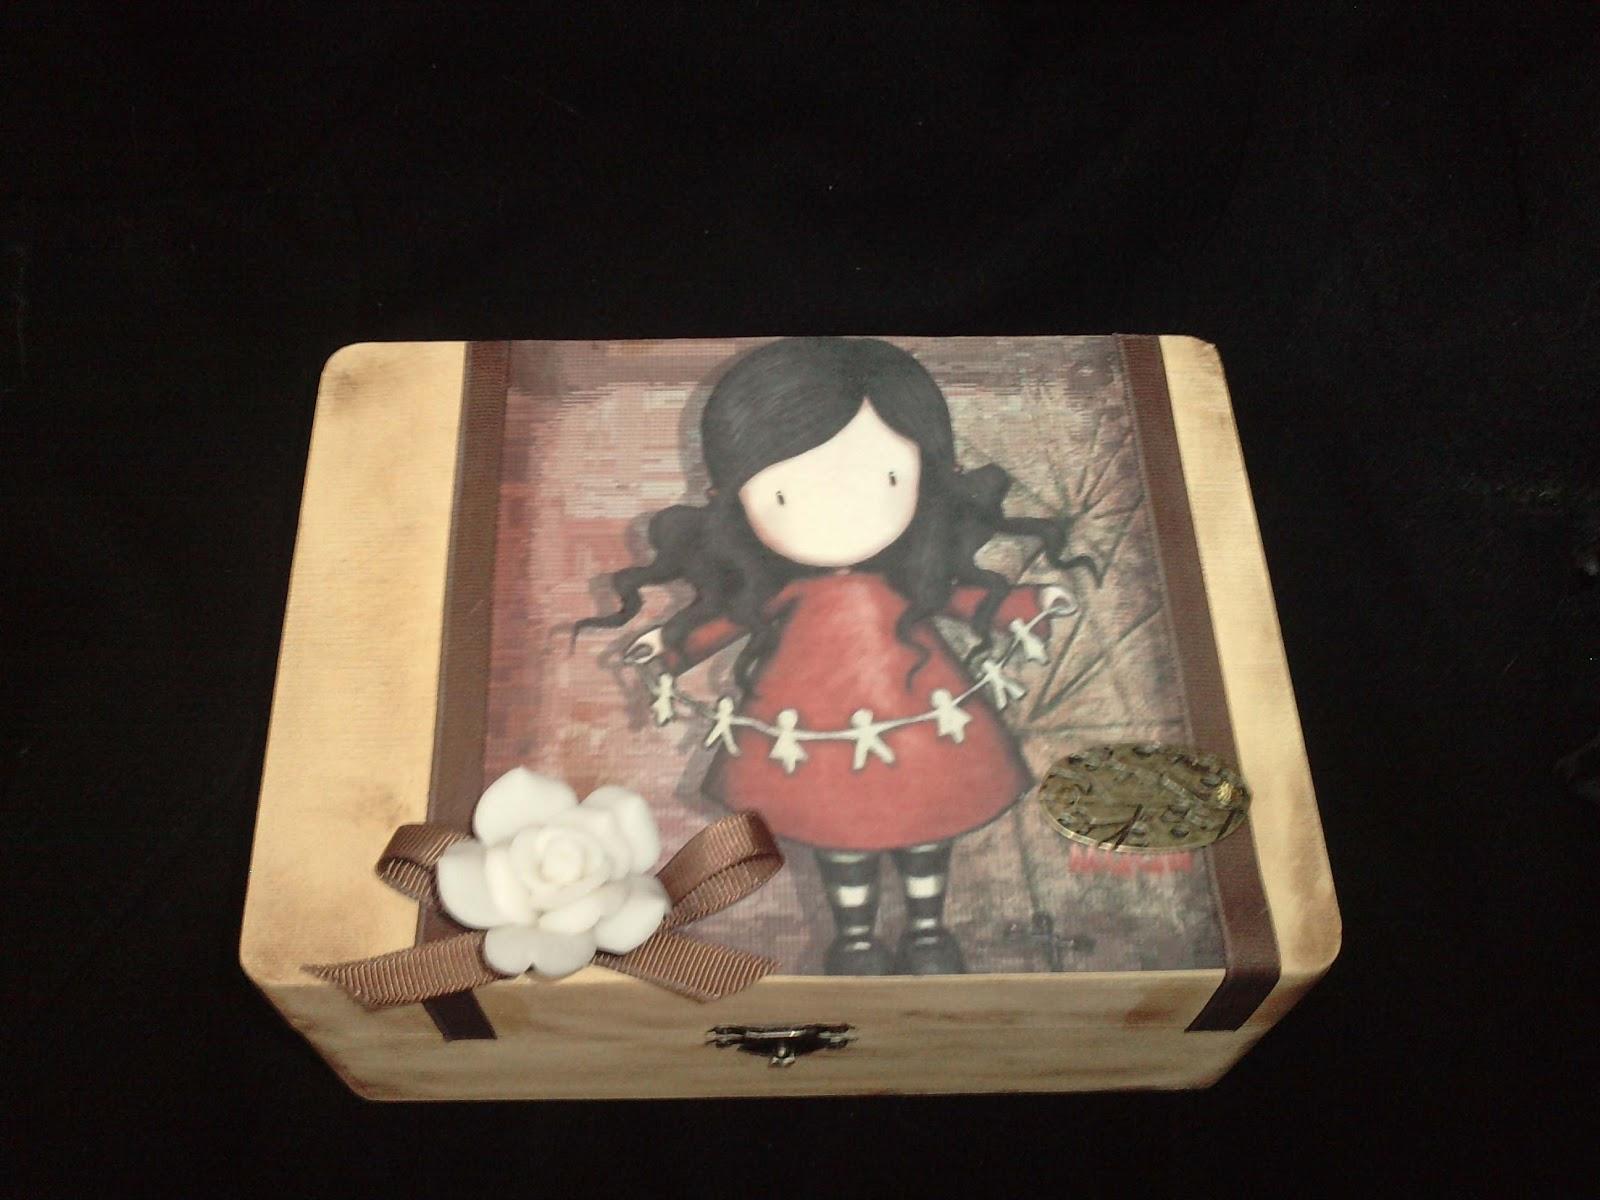 Artesania mydina cajas de madera decoradas - Cajas de decoracion ...